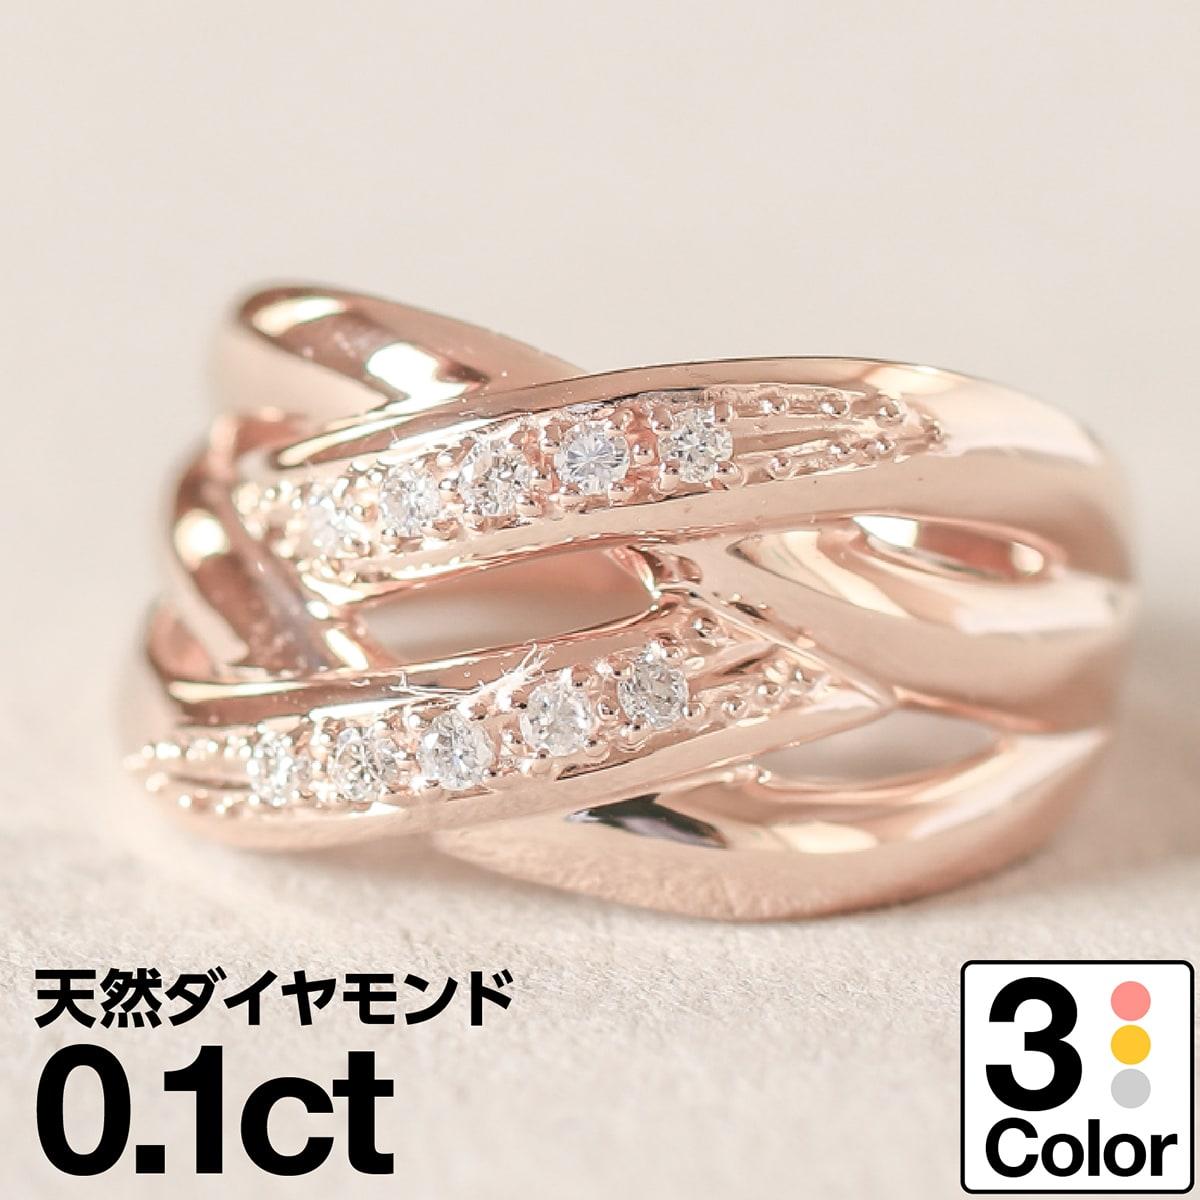 指輪 18金 k18 18k 女性 20代 代引き不可 30代 40代 50代 60代 ダイヤモンドリング イエローゴールド ホワイトゴールド 日本製 プレゼント smtb-s ファッションリング 現品 ピンクゴールド リング ダイヤモンド 金属アレルギー 品質保証書 ギフト ホワイトデー 天然ダイヤ